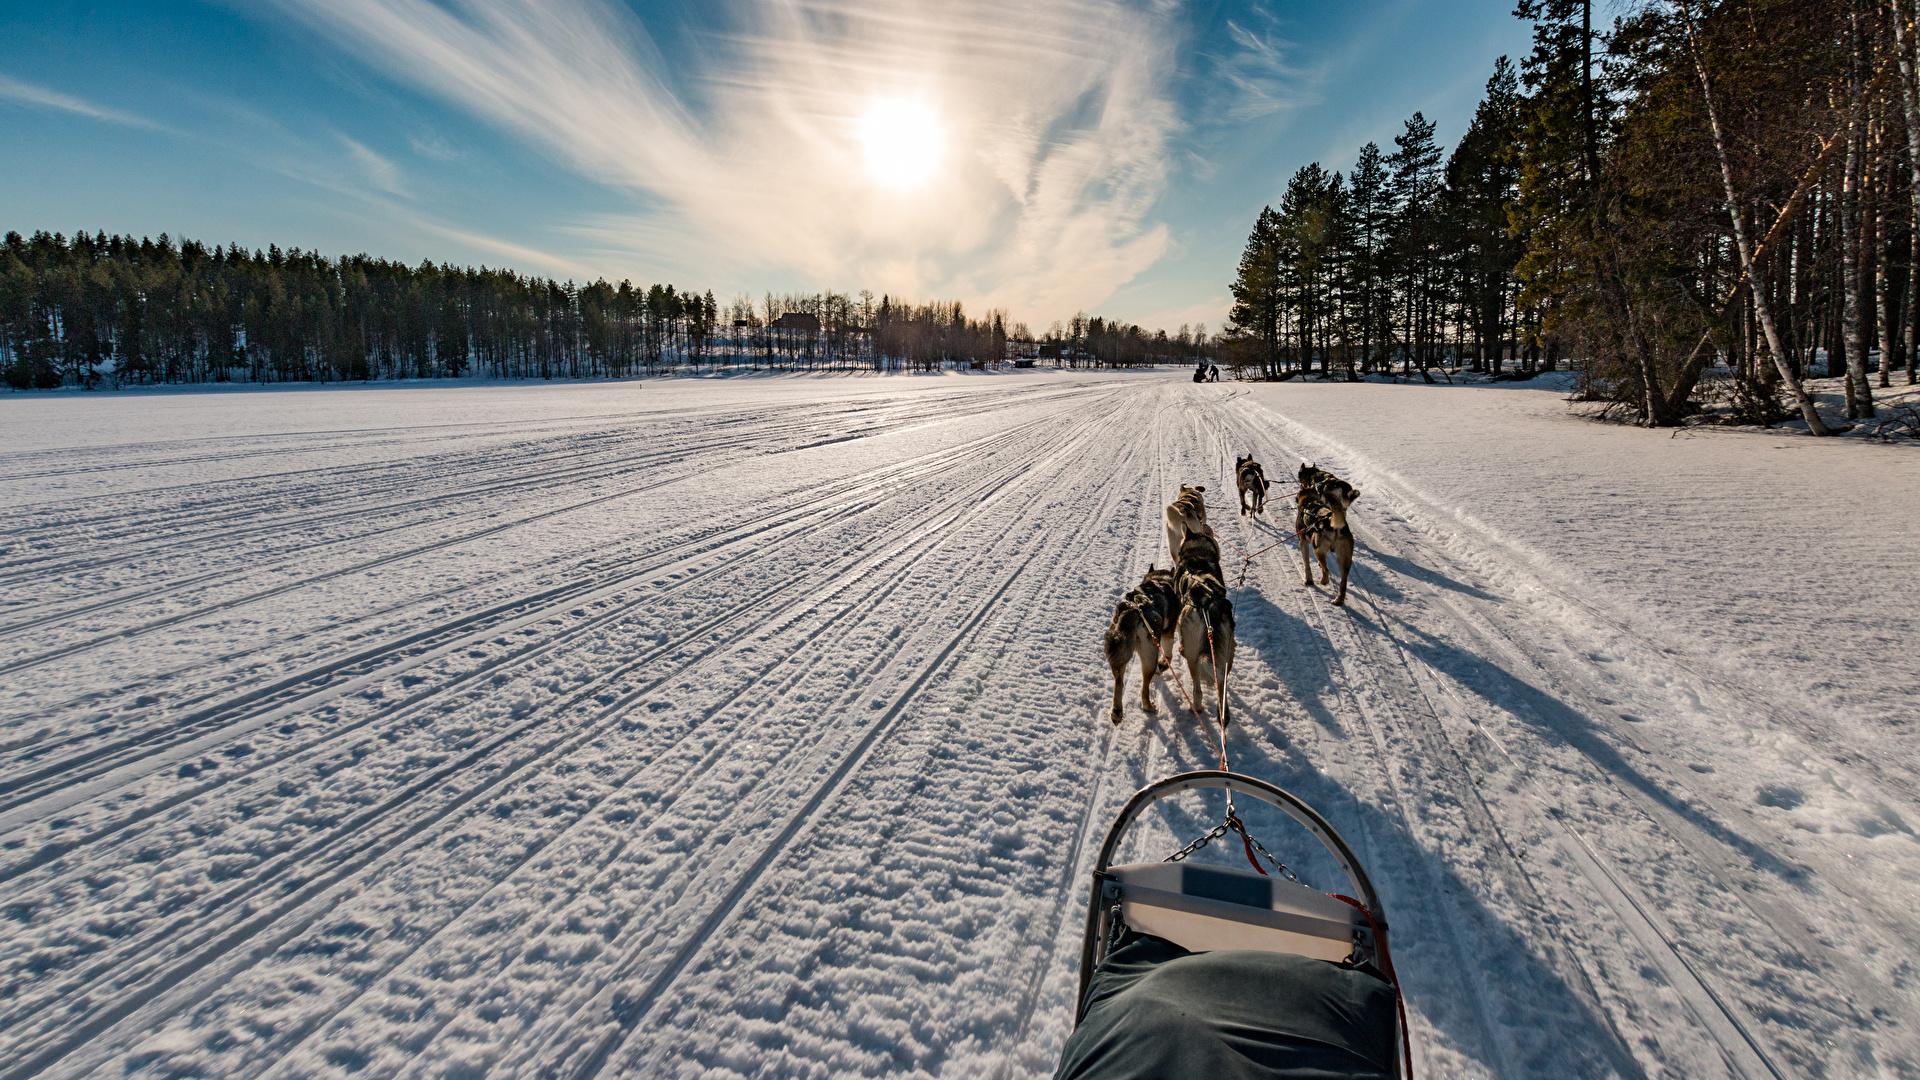 Фотографии собака Финляндия Northern Ostrobothnia зимние Природа Снег Дороги Рассветы и закаты 1920x1080 Собаки Зима снеге снегу снега рассвет и закат